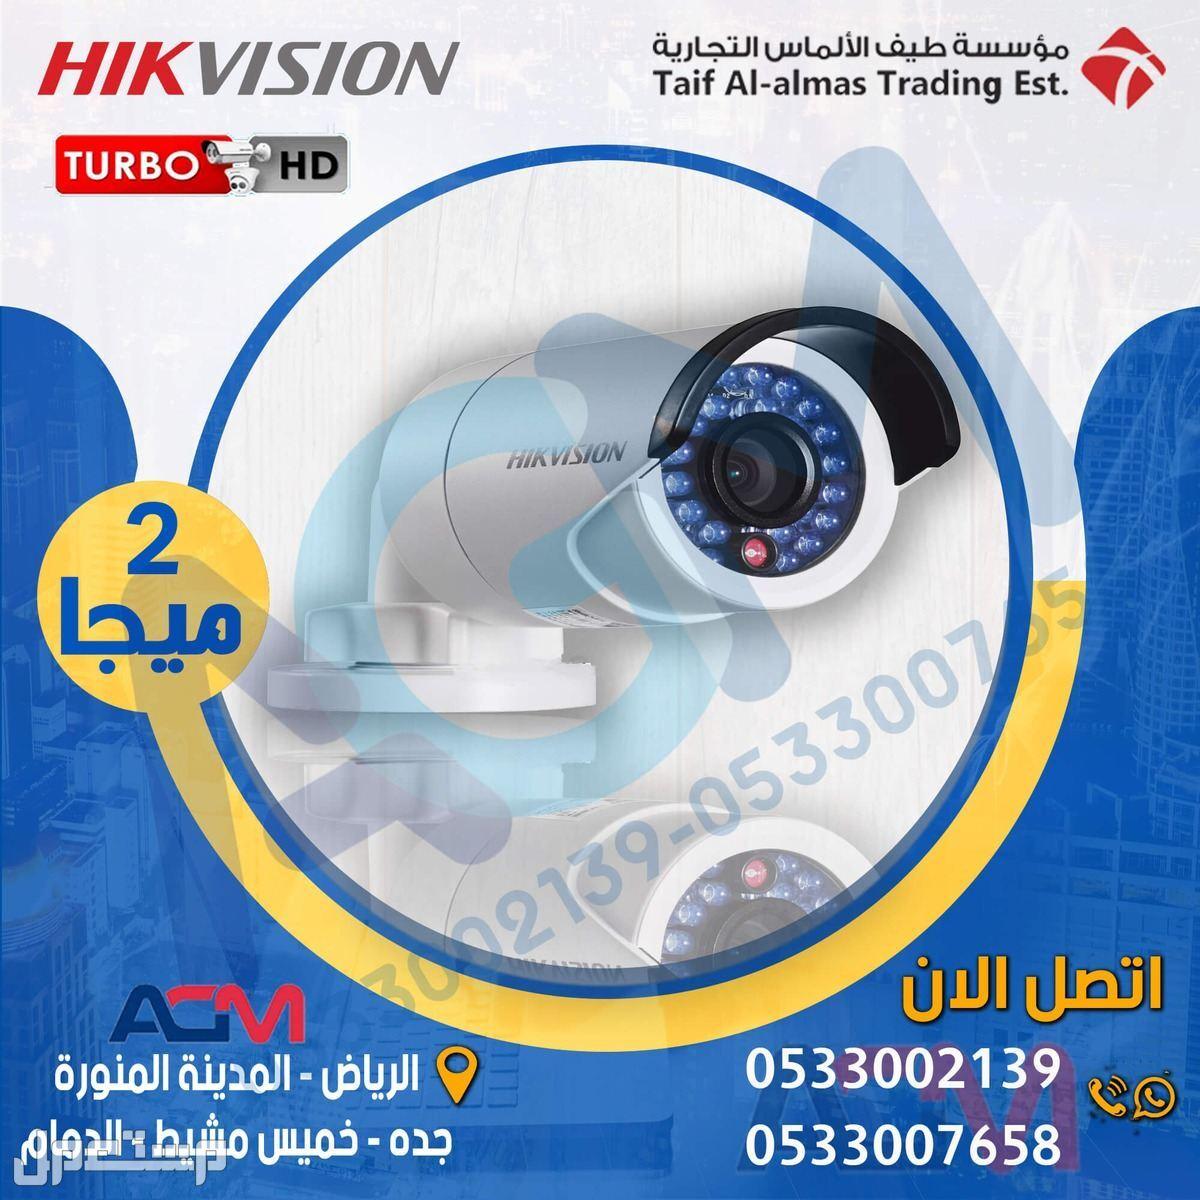 عرض 8 كاميرات مراقبة داخلية او خارجية هيك فيجين Hikvision بدقه 2 ميجا بكسل